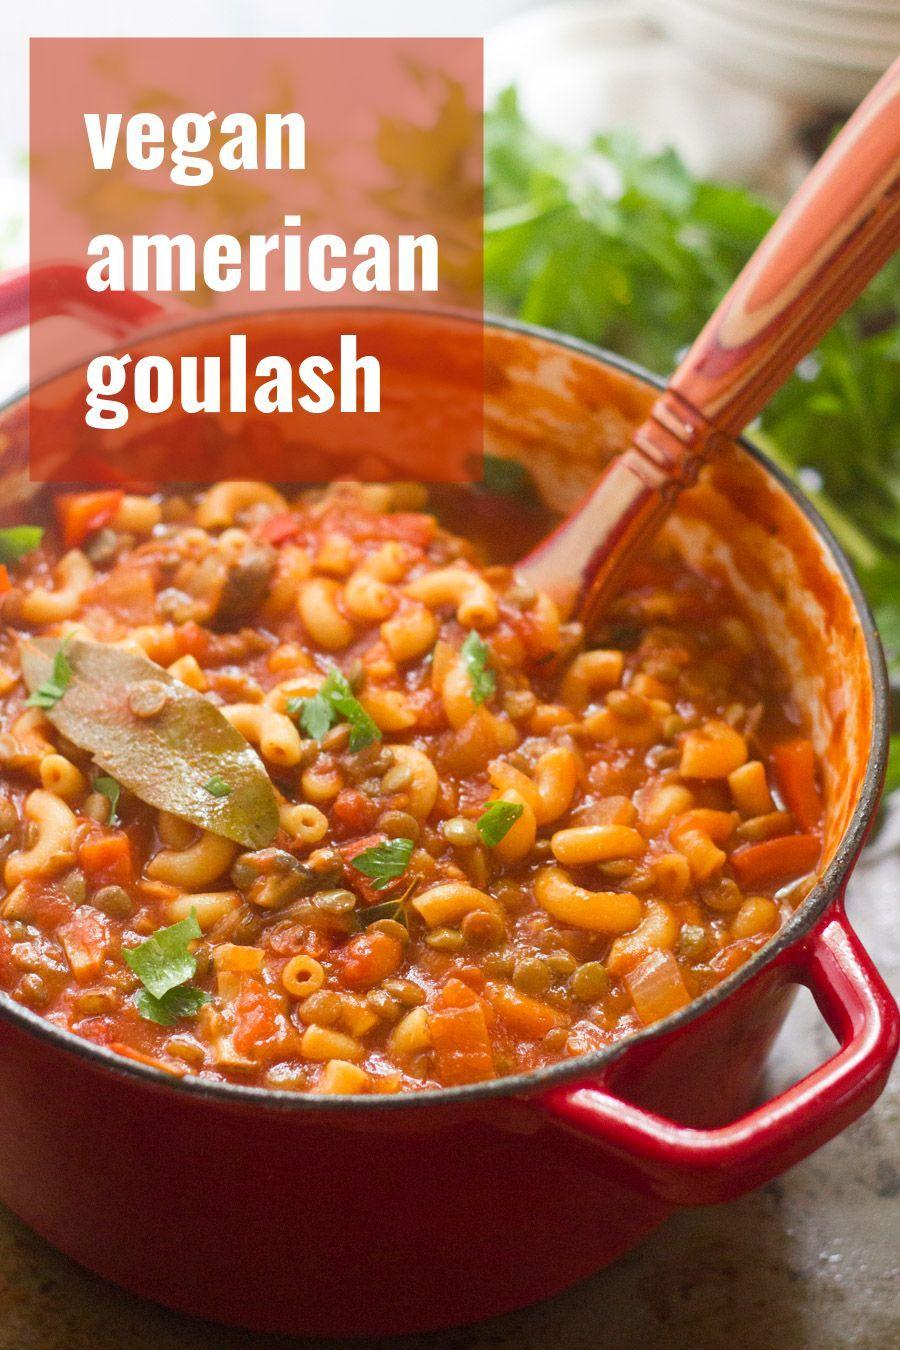 Vegan American Goulash images